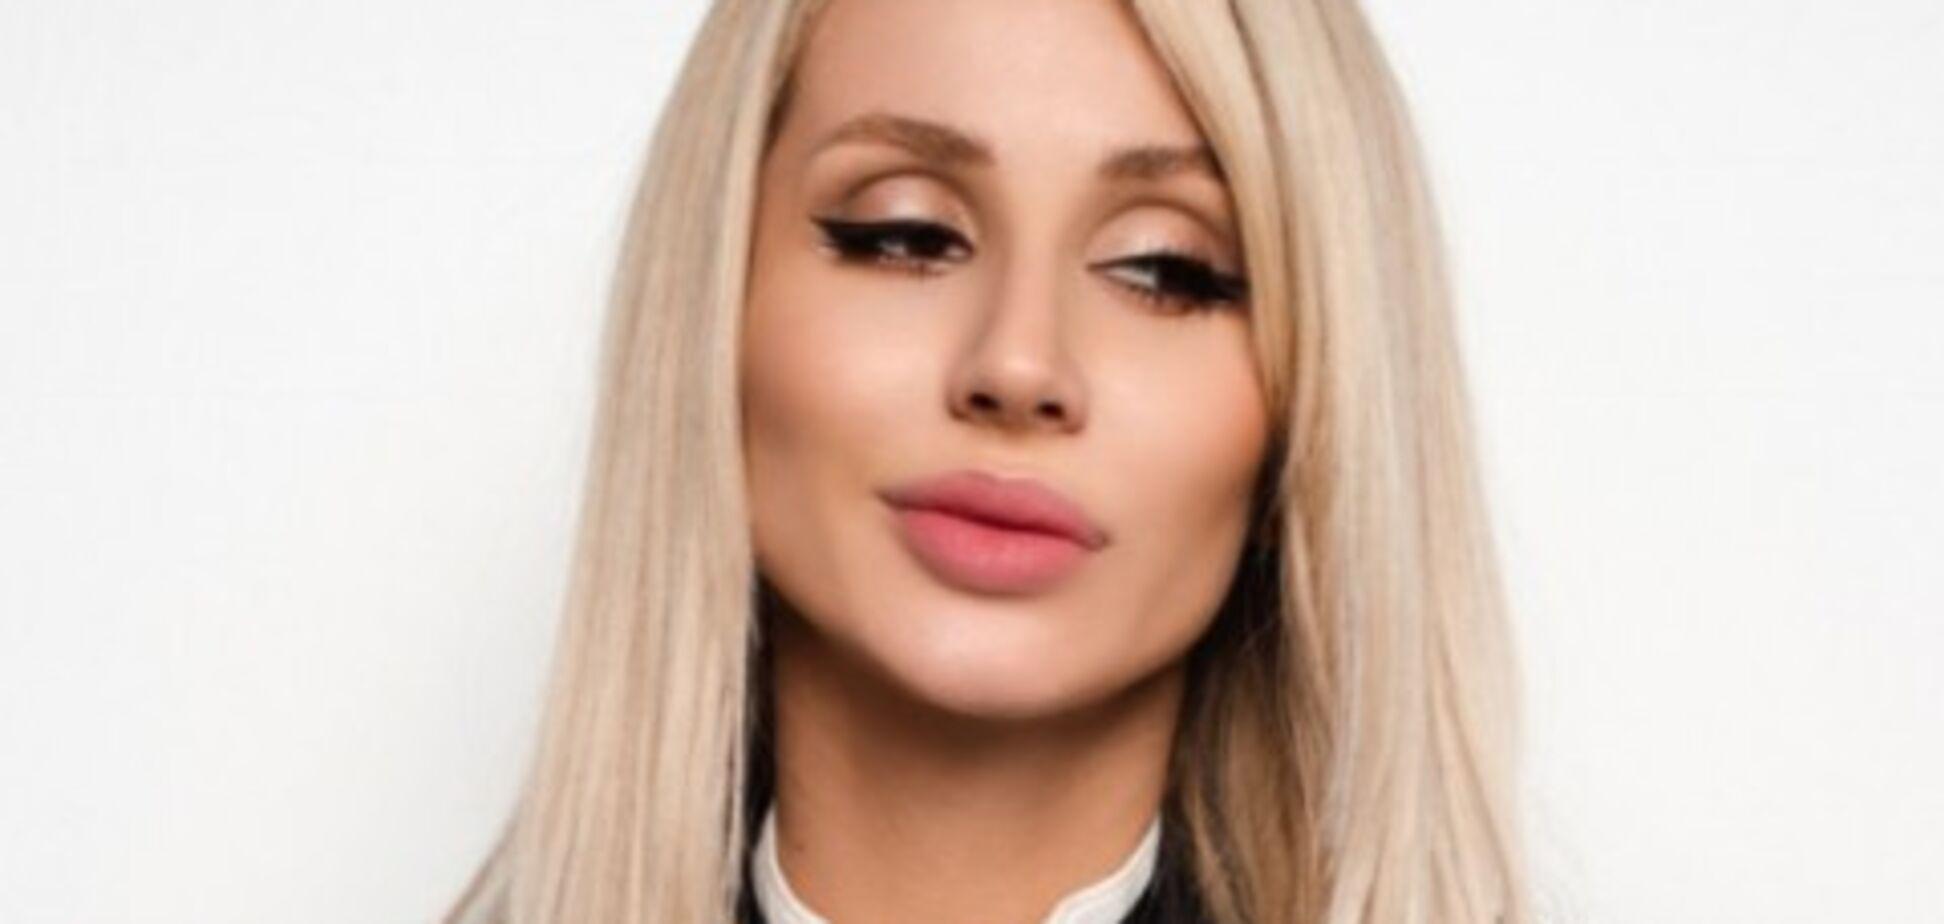 Дитину не планувала: продюсер Лободи зробила відверте зізнання про співачку